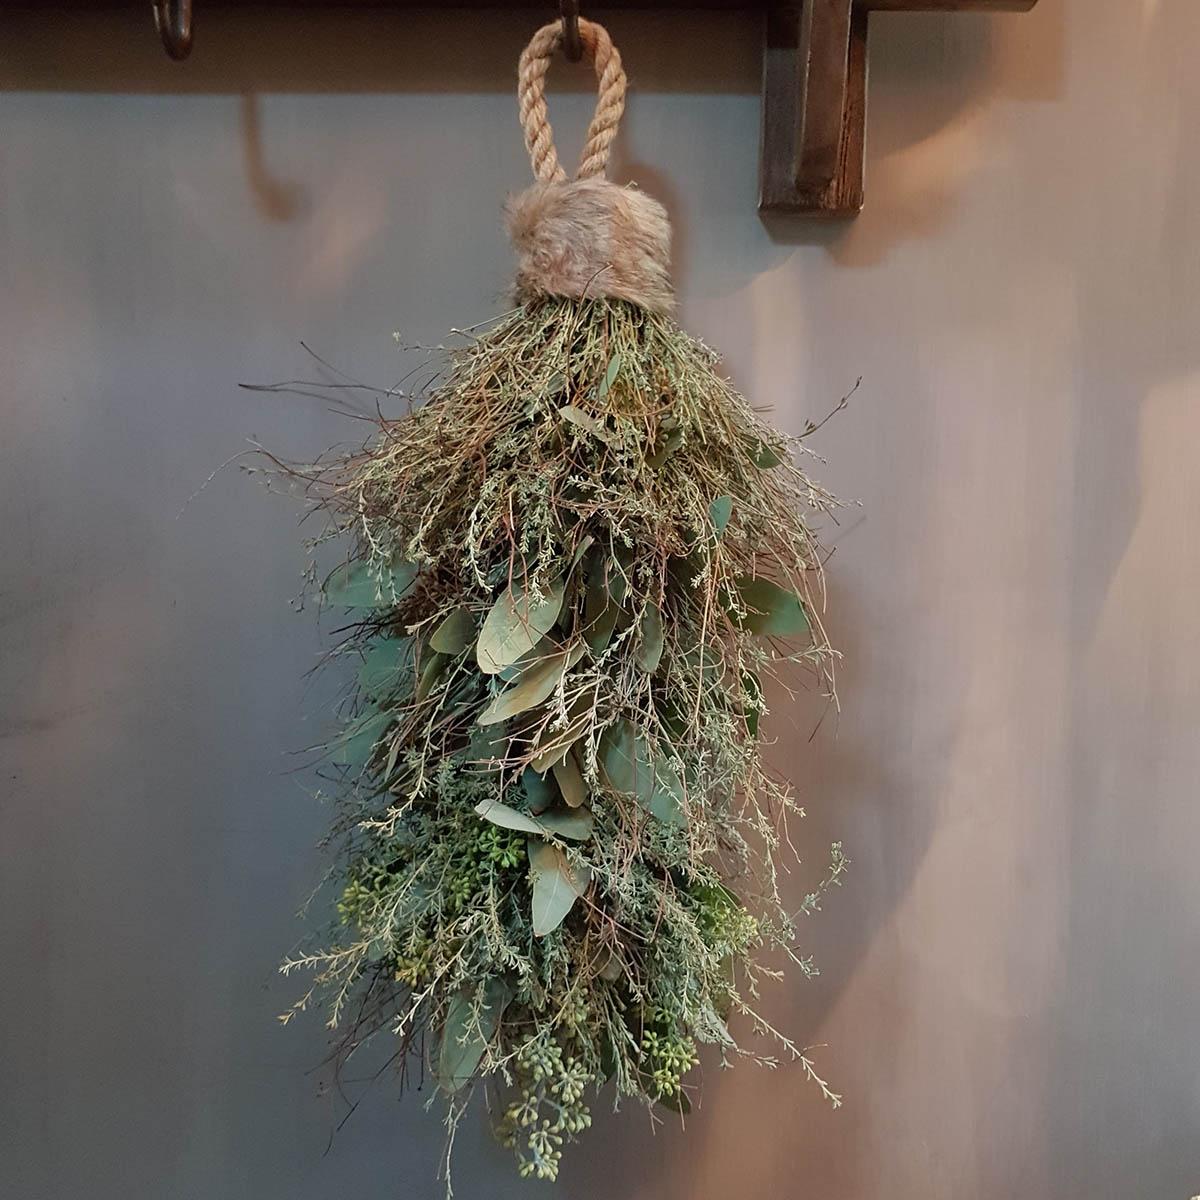 Foto van toef met mos, wilde thijm en eucalyptus hangend aan kapstok voor webshop anterieur authentique.